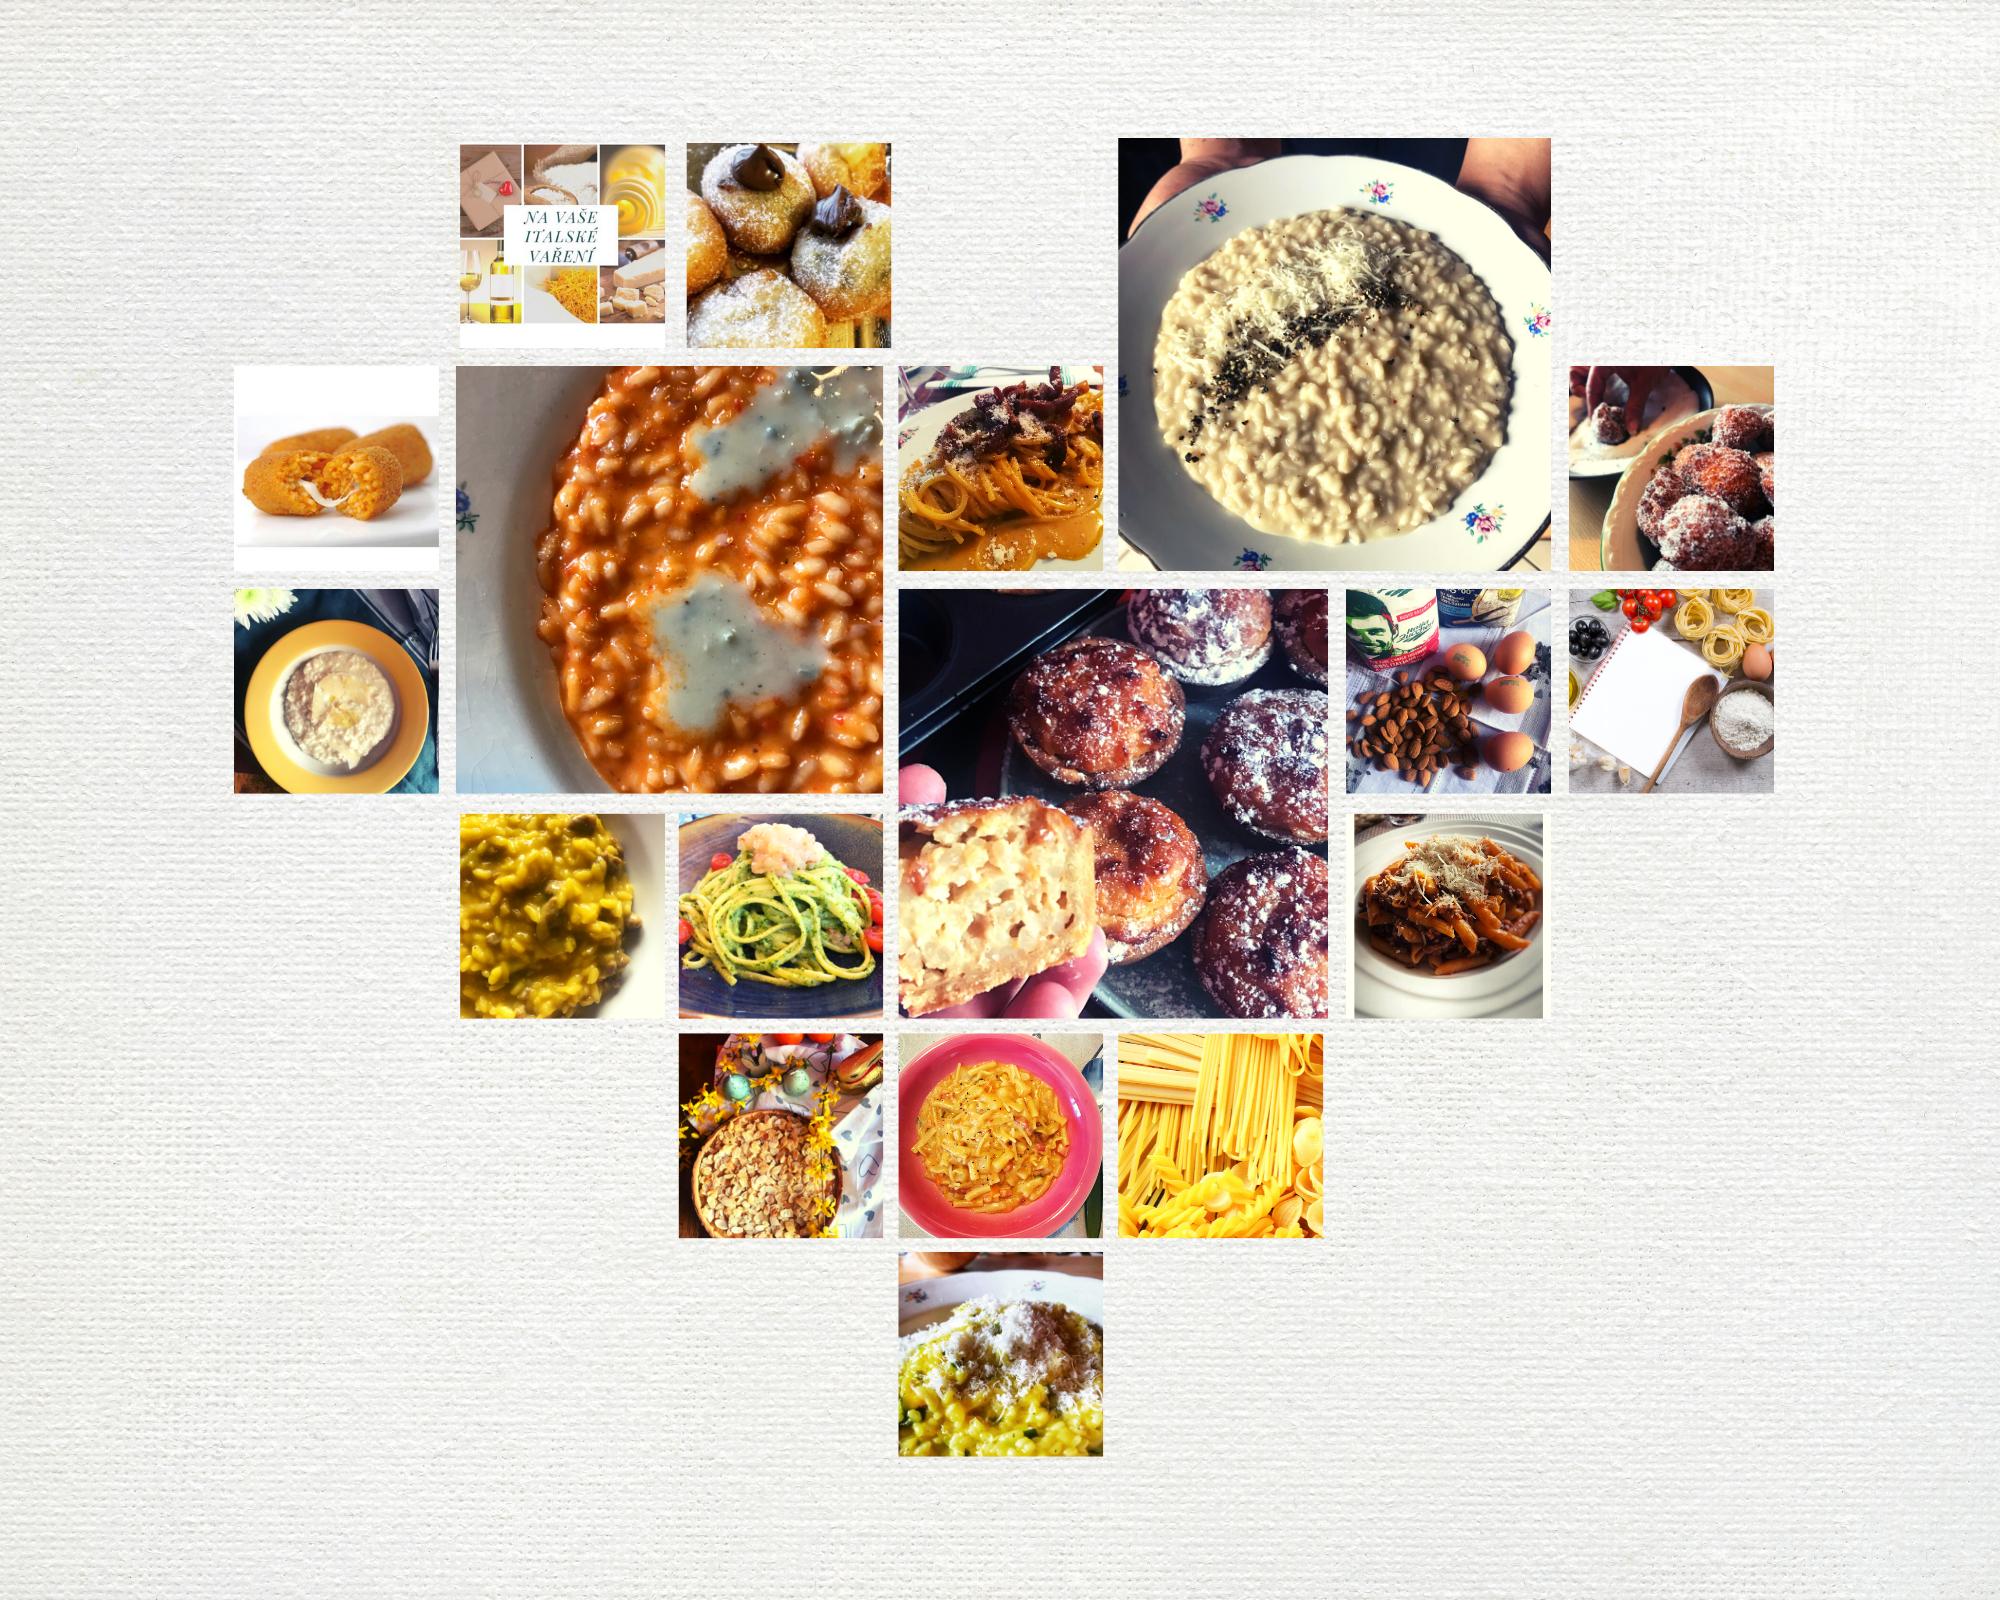 kurzy italské kuchyně